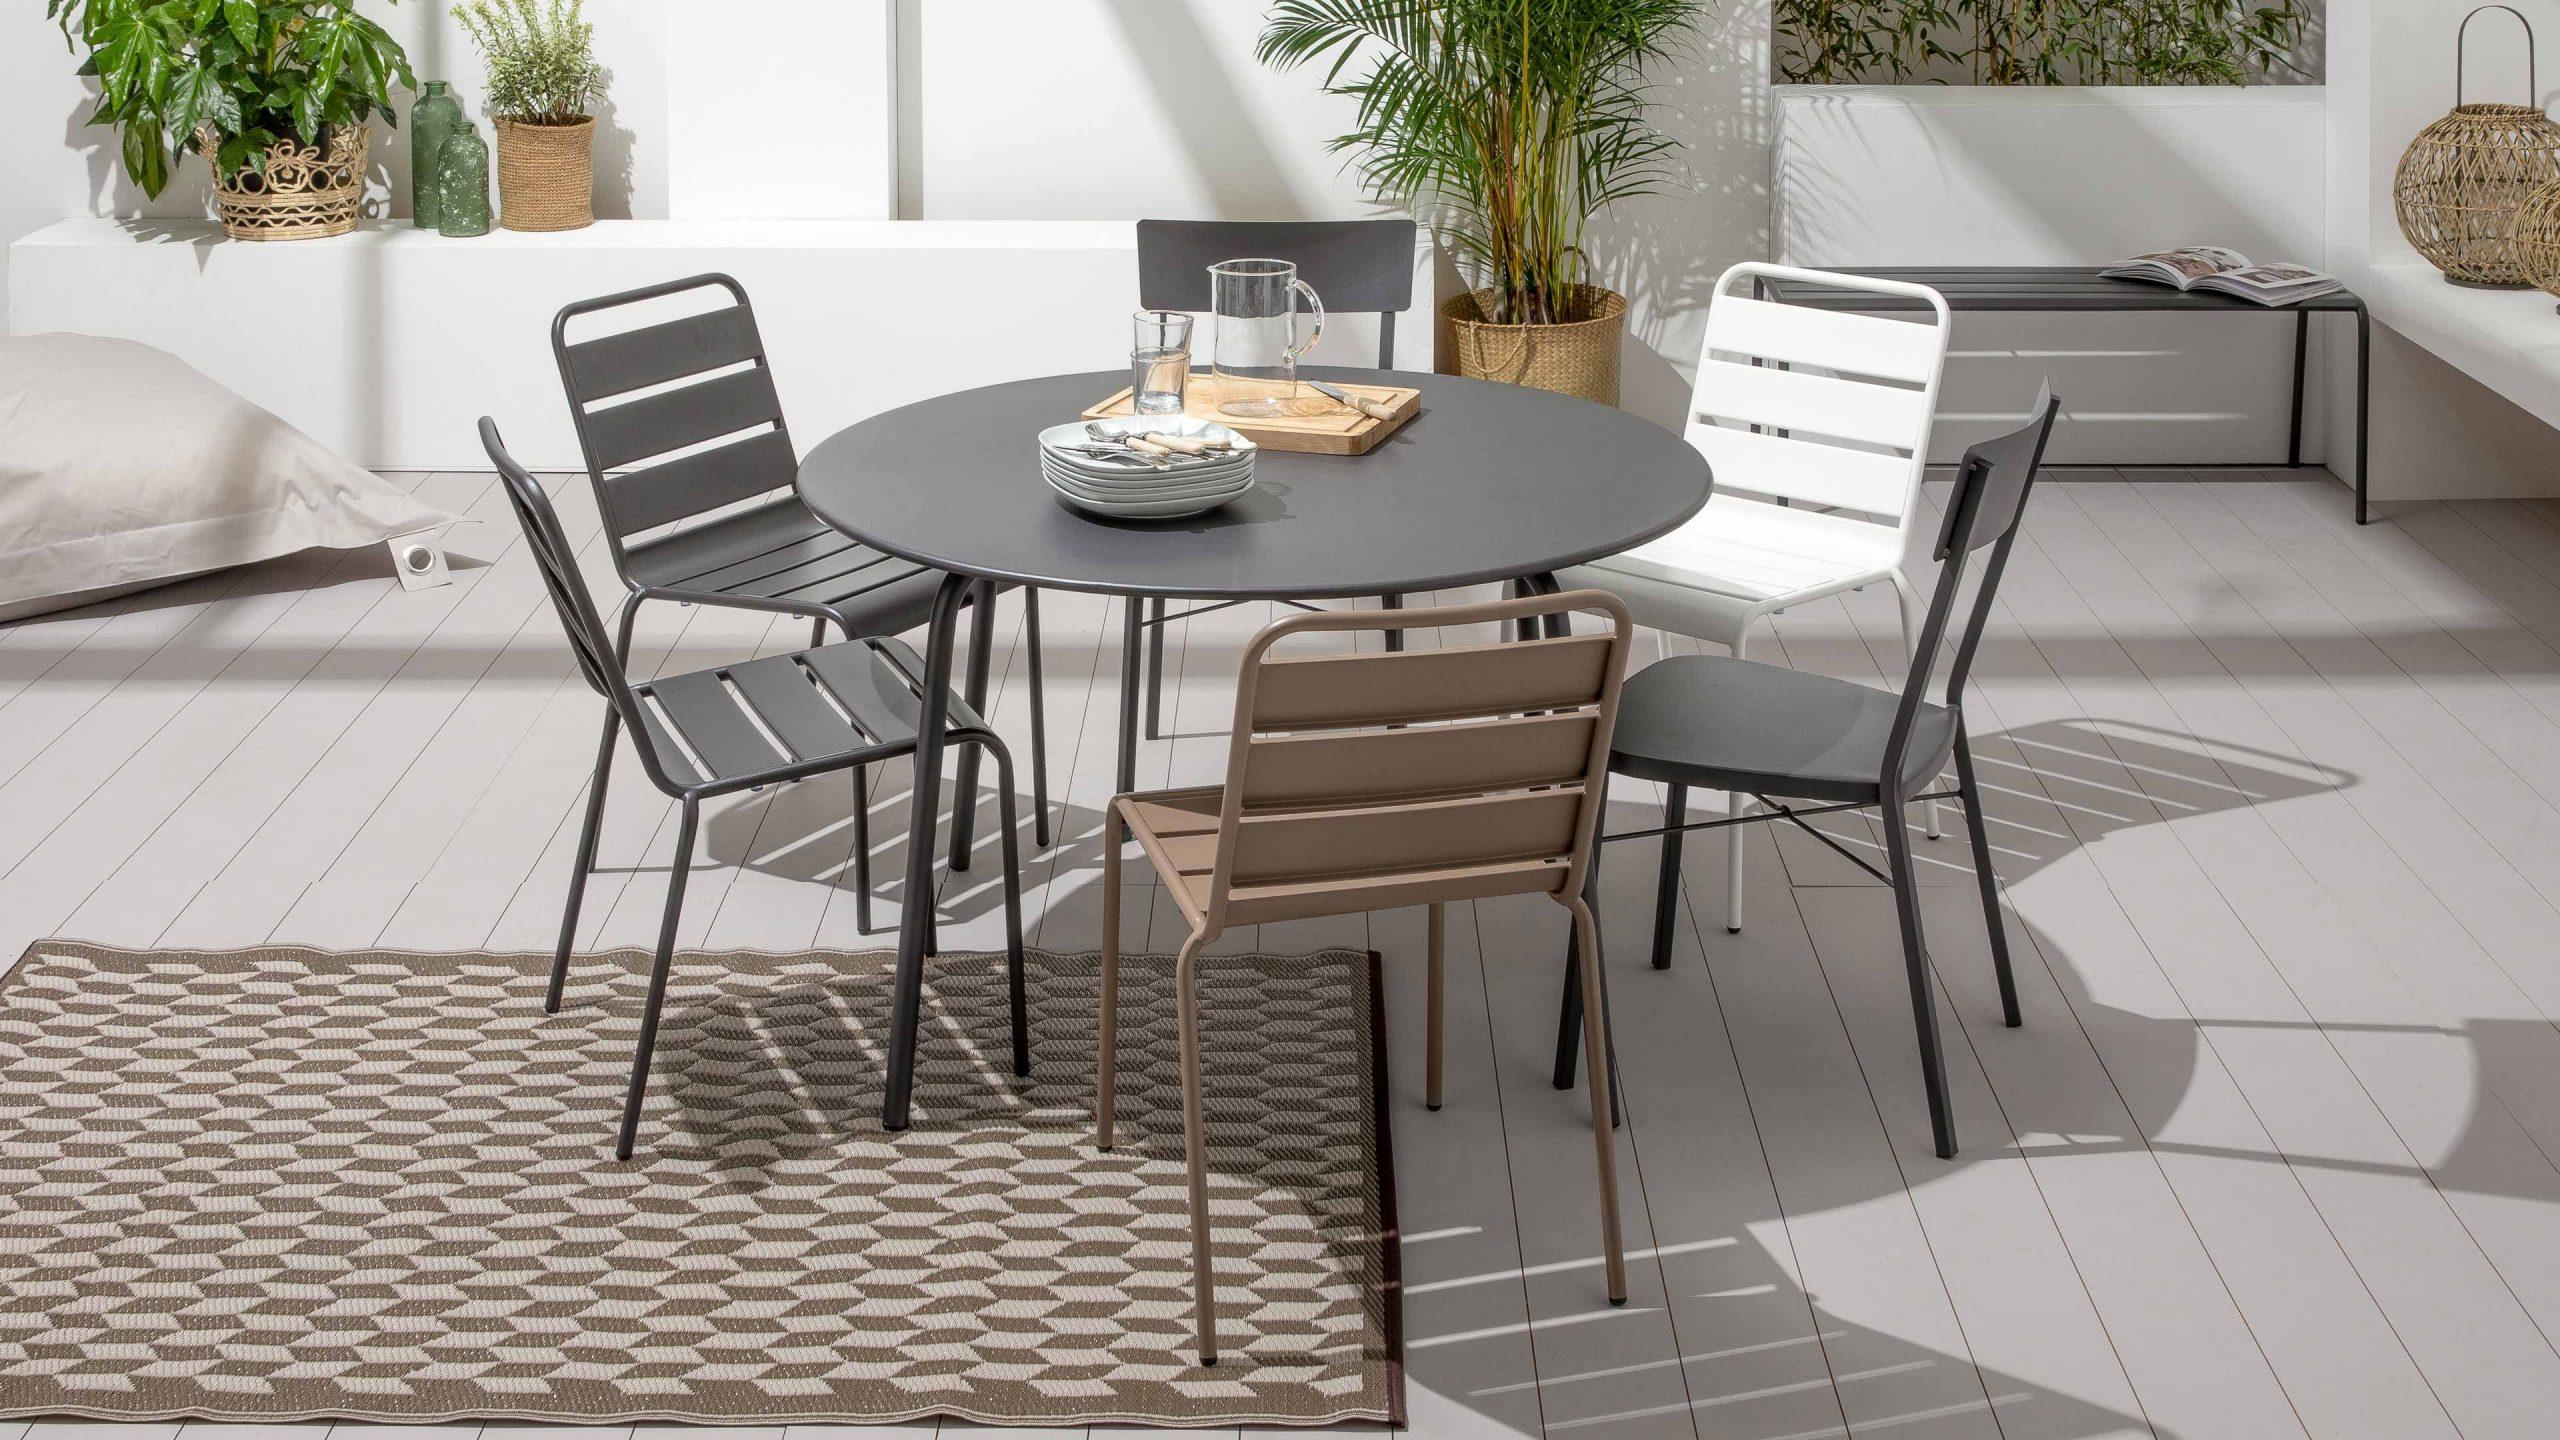 Table Jardin Ronde Metal | Oviala intérieur Table De Jardin Ronde Pas Cher